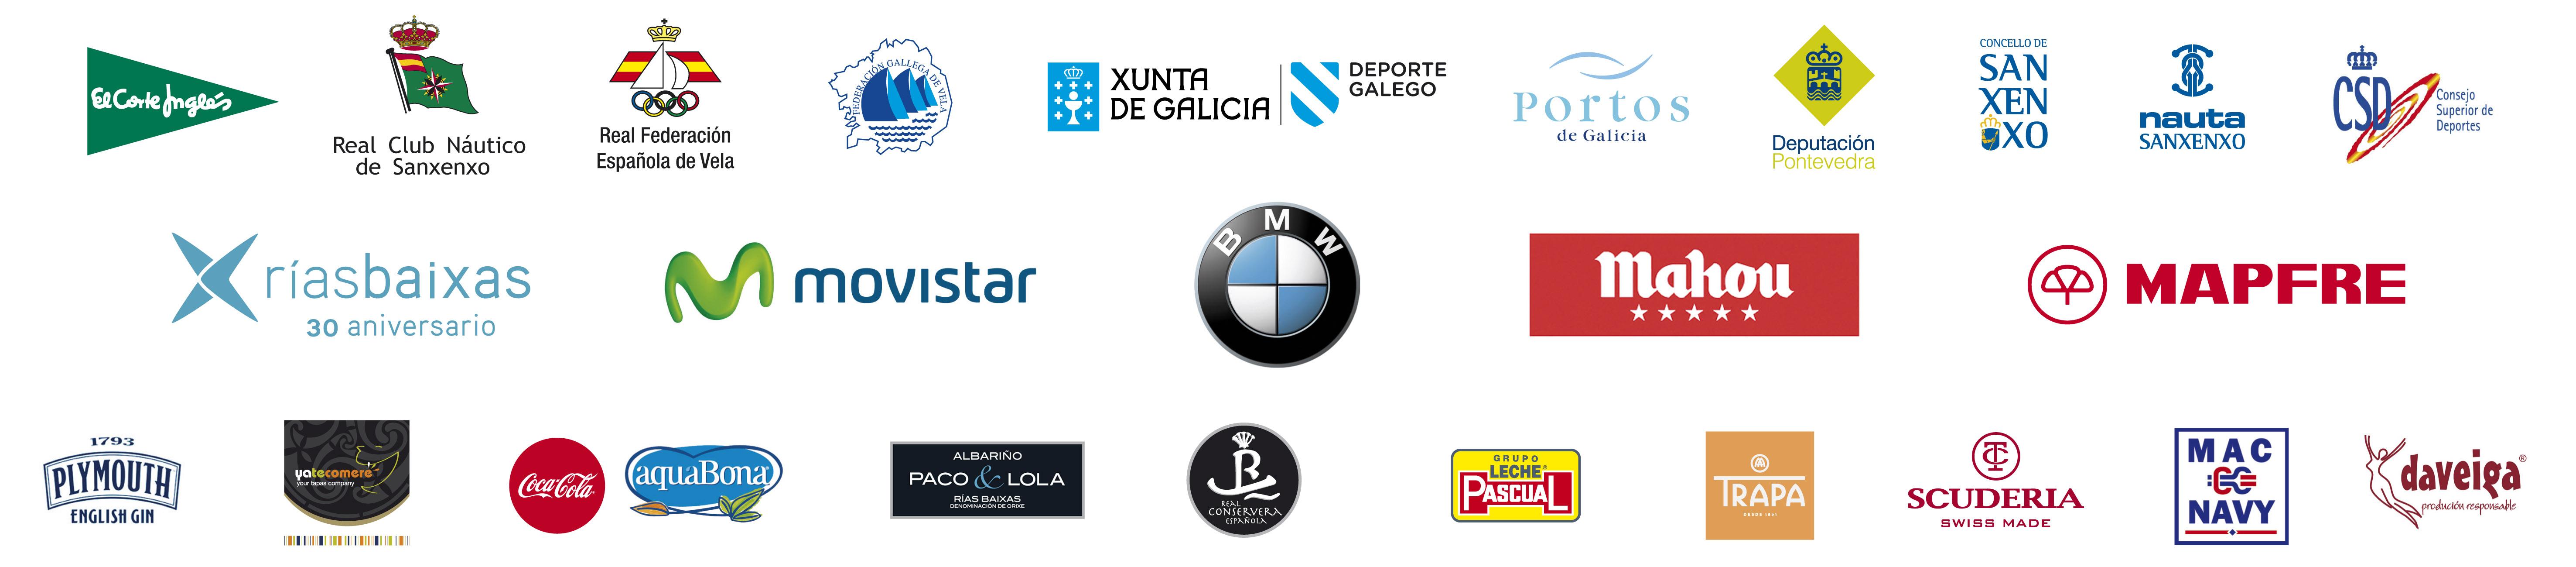 Patrocinadores Regata Rey Juan Carlos 2015